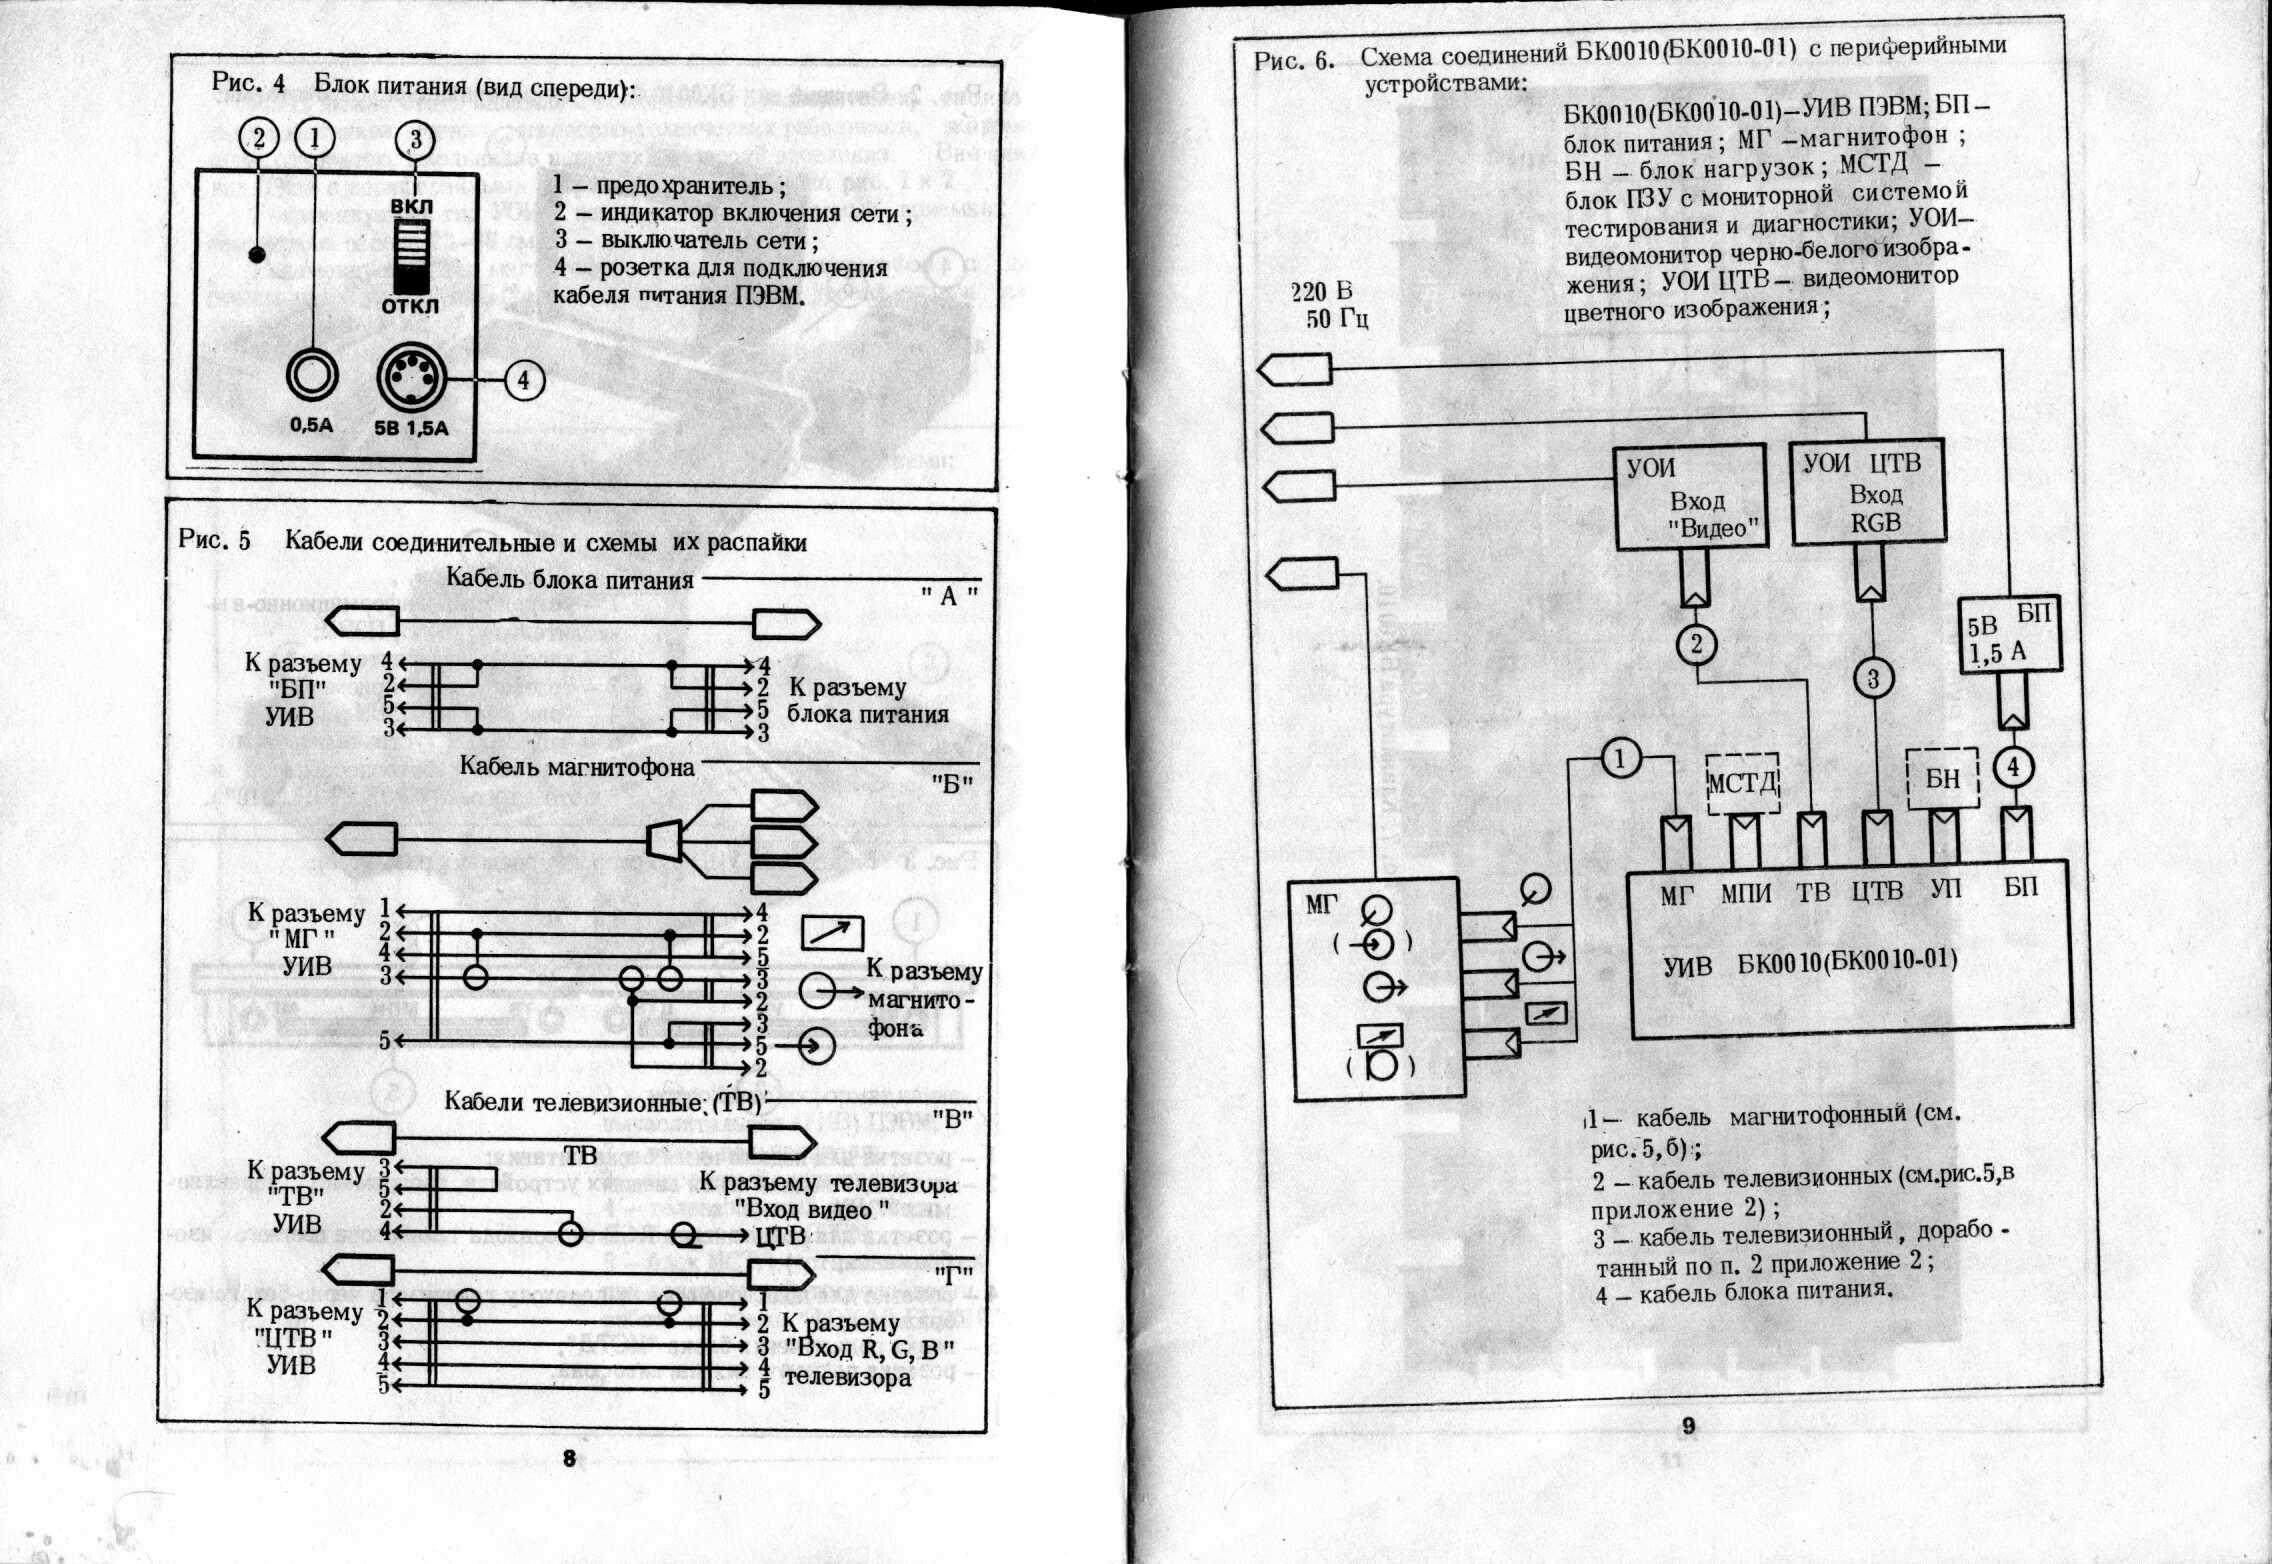 h схему микросхемы кр1801ре2